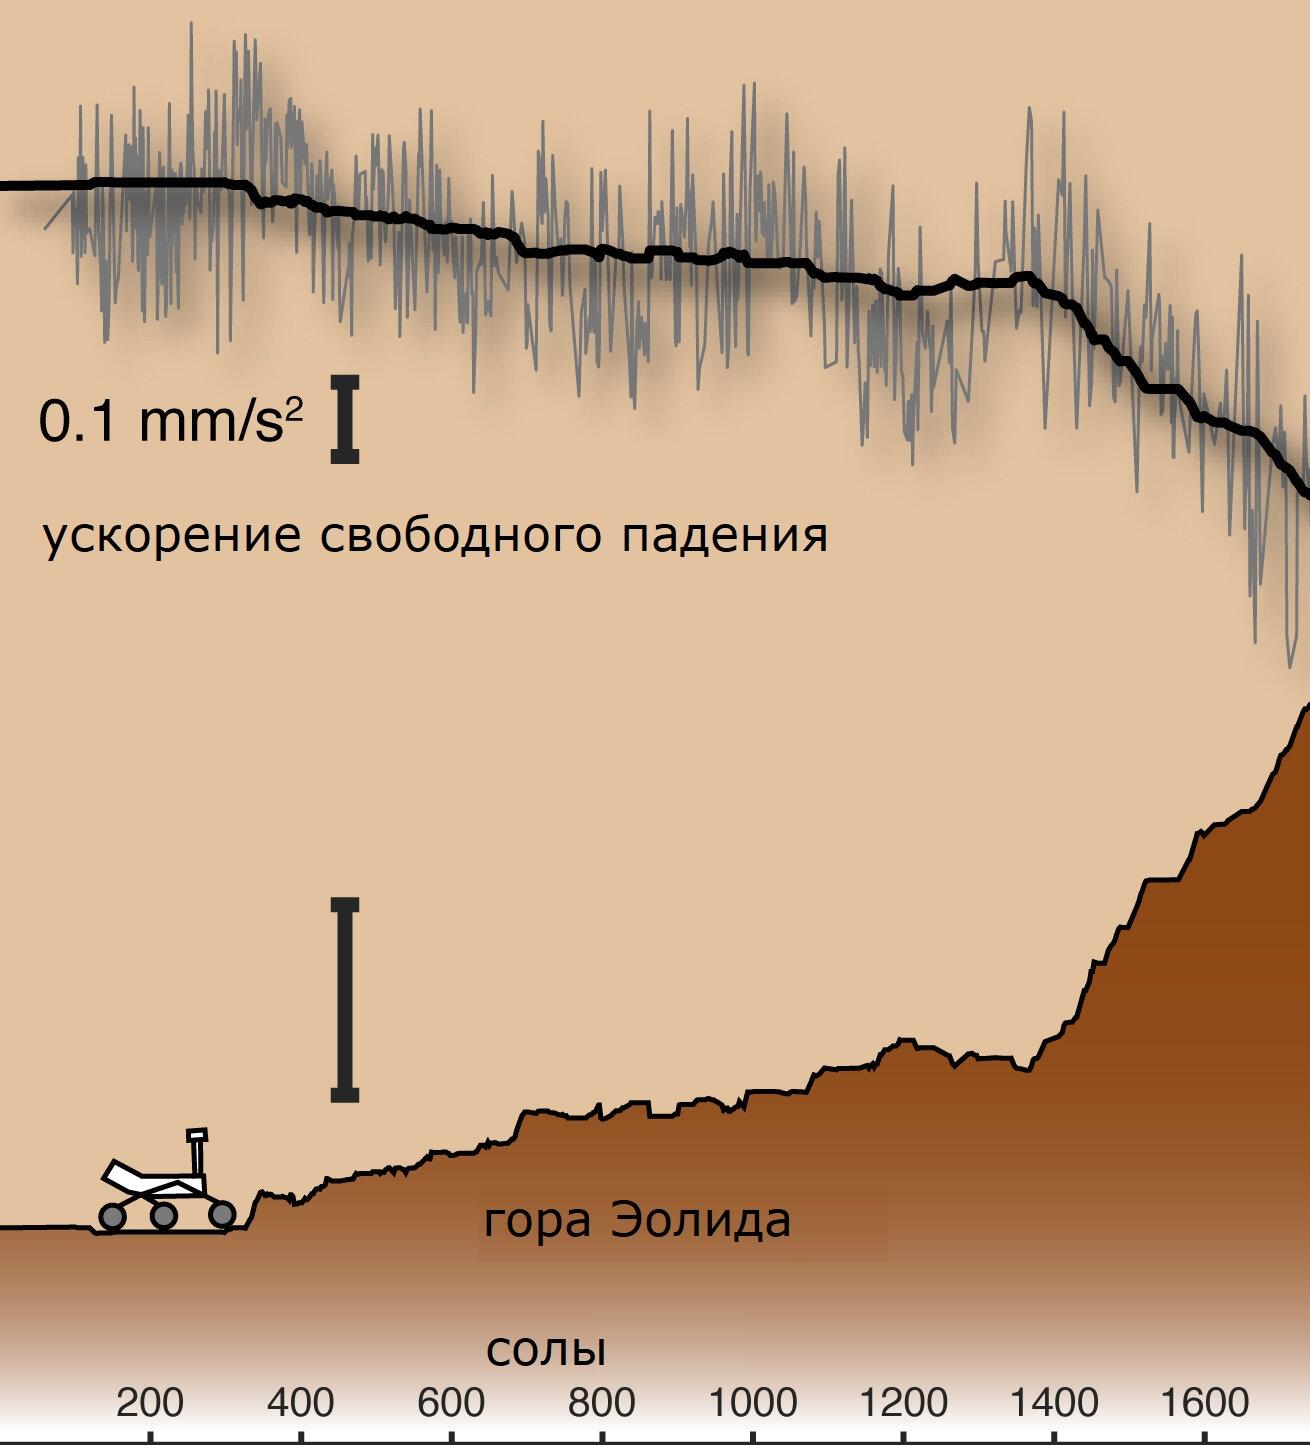 Изменение силы тяжести по мере подъёма ровера на Эолиду (гору Шарпа). По горизонтальной оси отложены солы (марсианские дни).